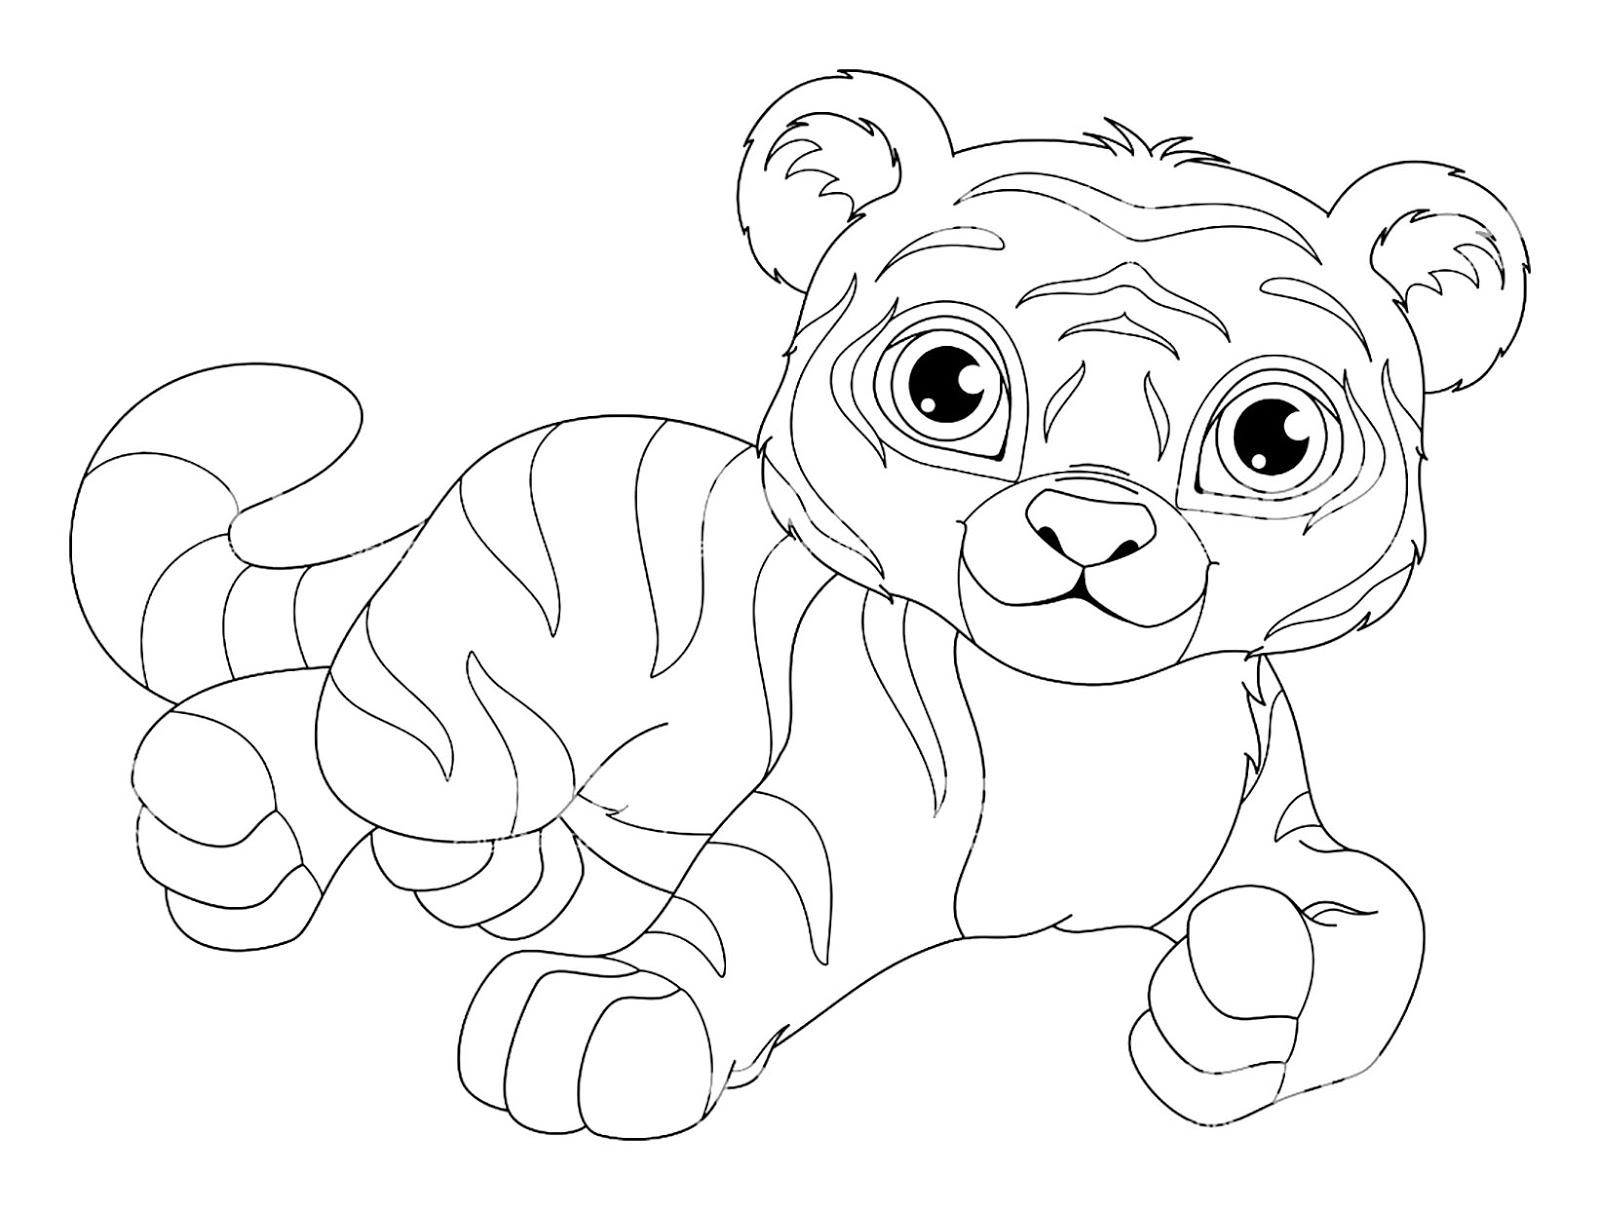 Tranh tô màu con hổ bé